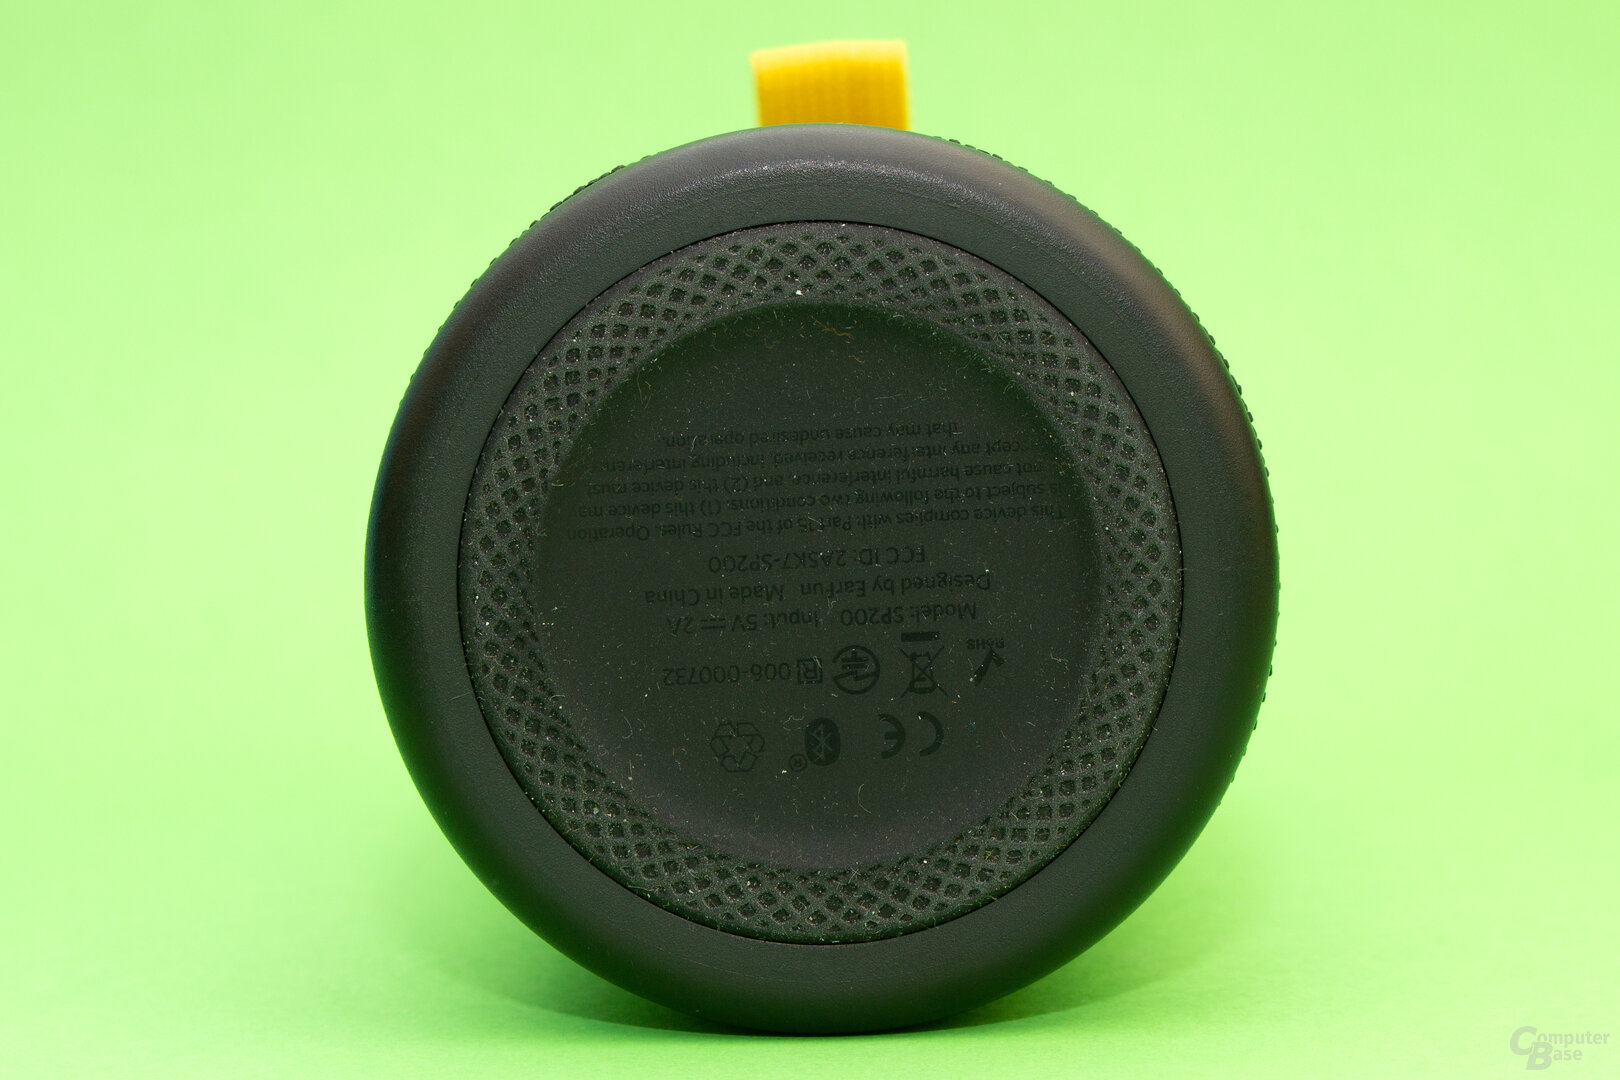 Die gummierte Unterseite des UBoom sichert auch auf nassen Oberflächen einen stabilen Stand